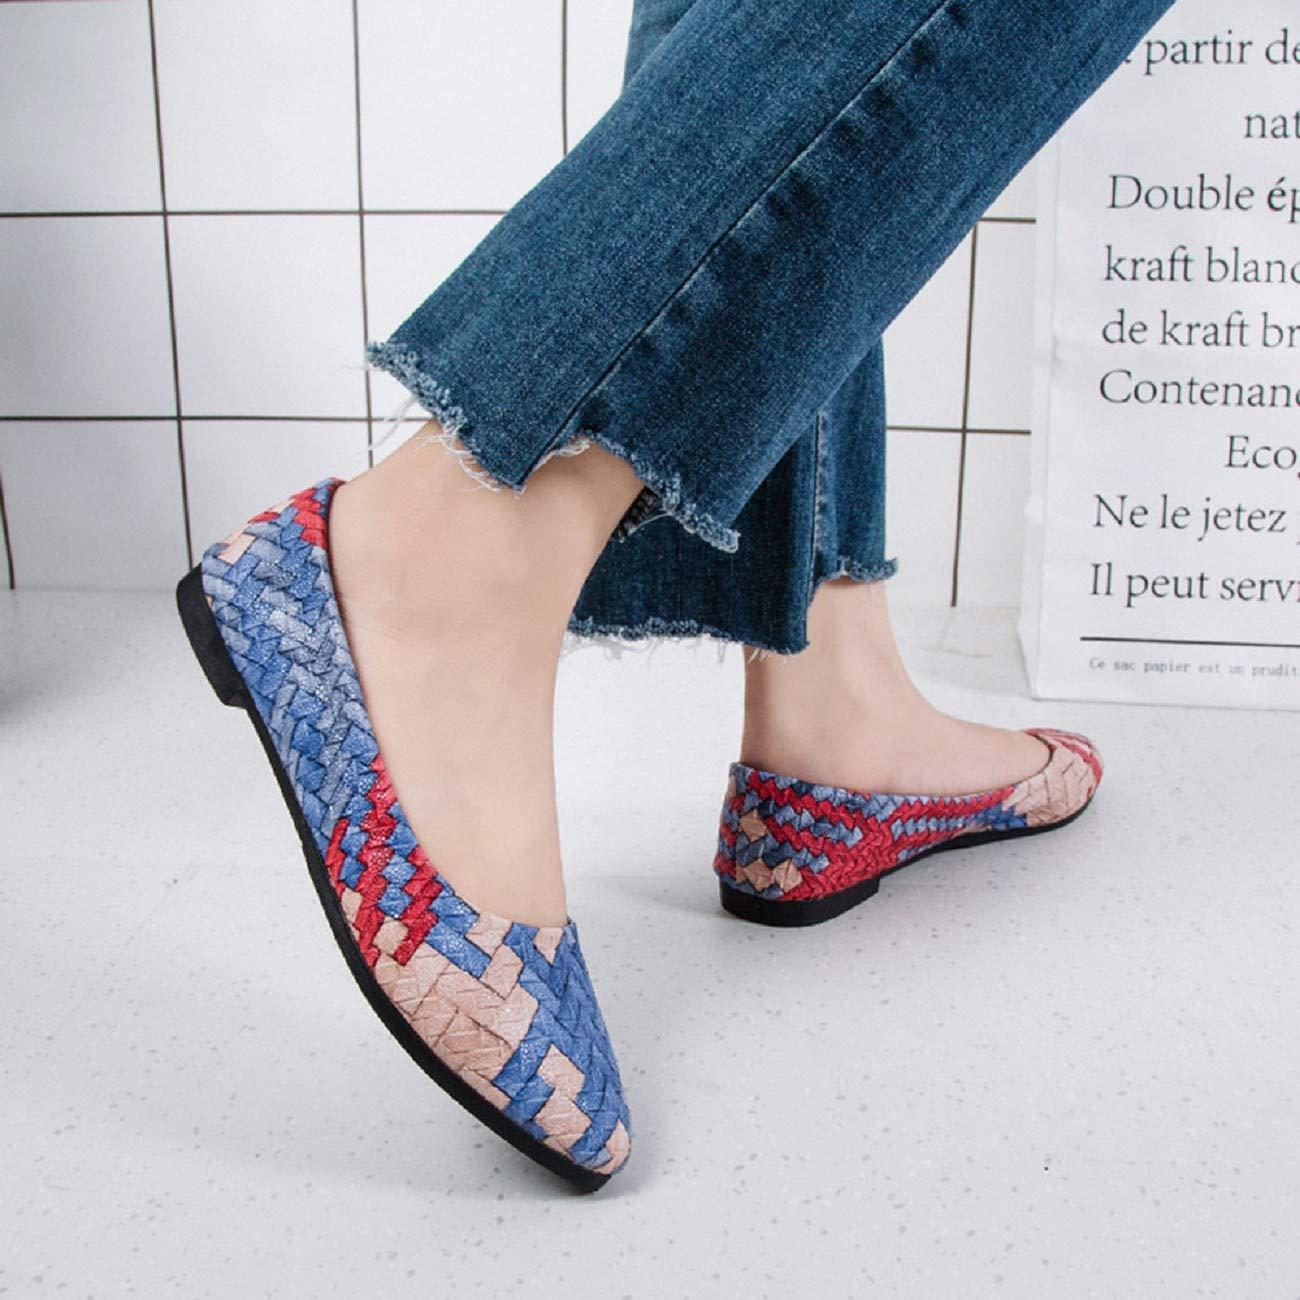 Sandalias De Las Mujeres, Linlink Primavera Casual Zapatos Mujer NiñA Primavera Mixta Colores Casual Zapatos Femeninos Bastante Planos: Amazon.es: Ropa y ...